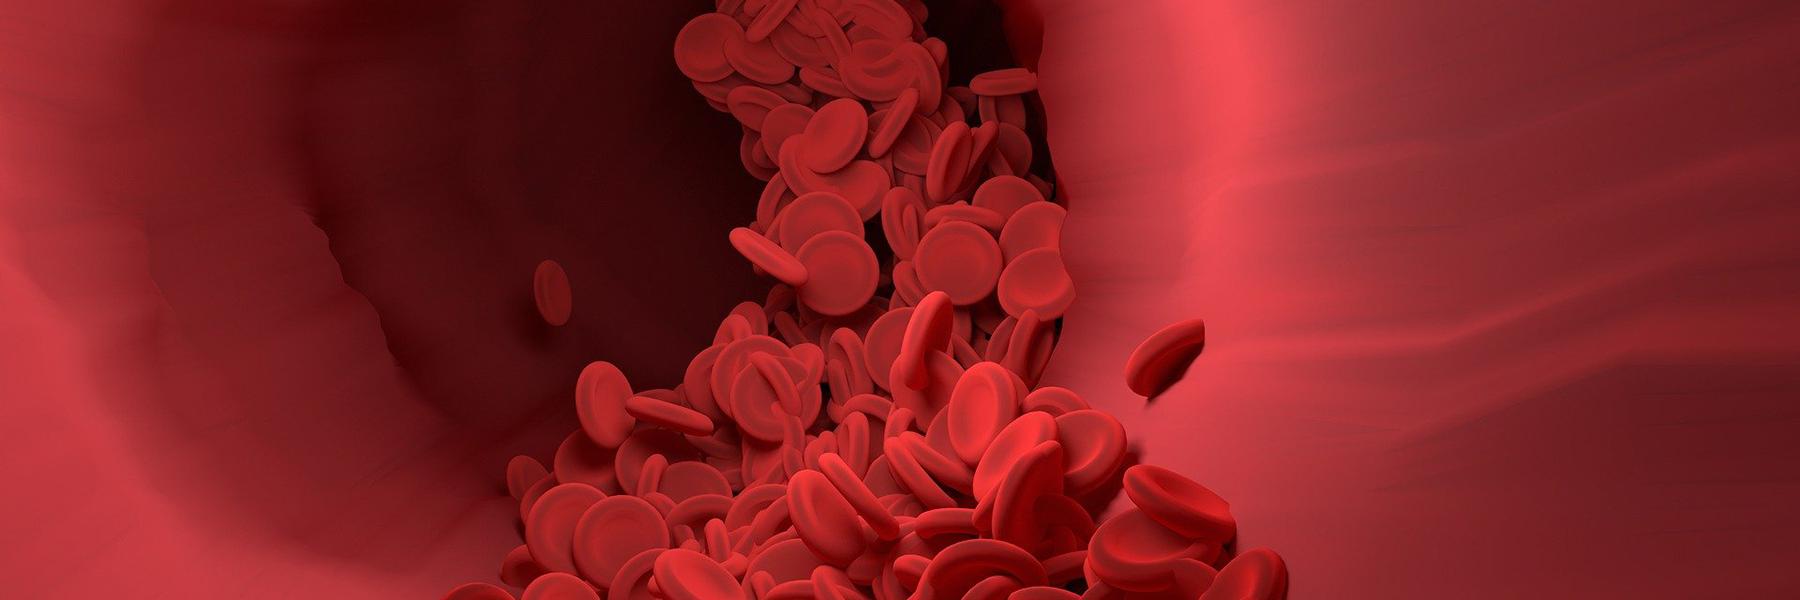 Hämophilie und Von-Willebrand-Syndrom